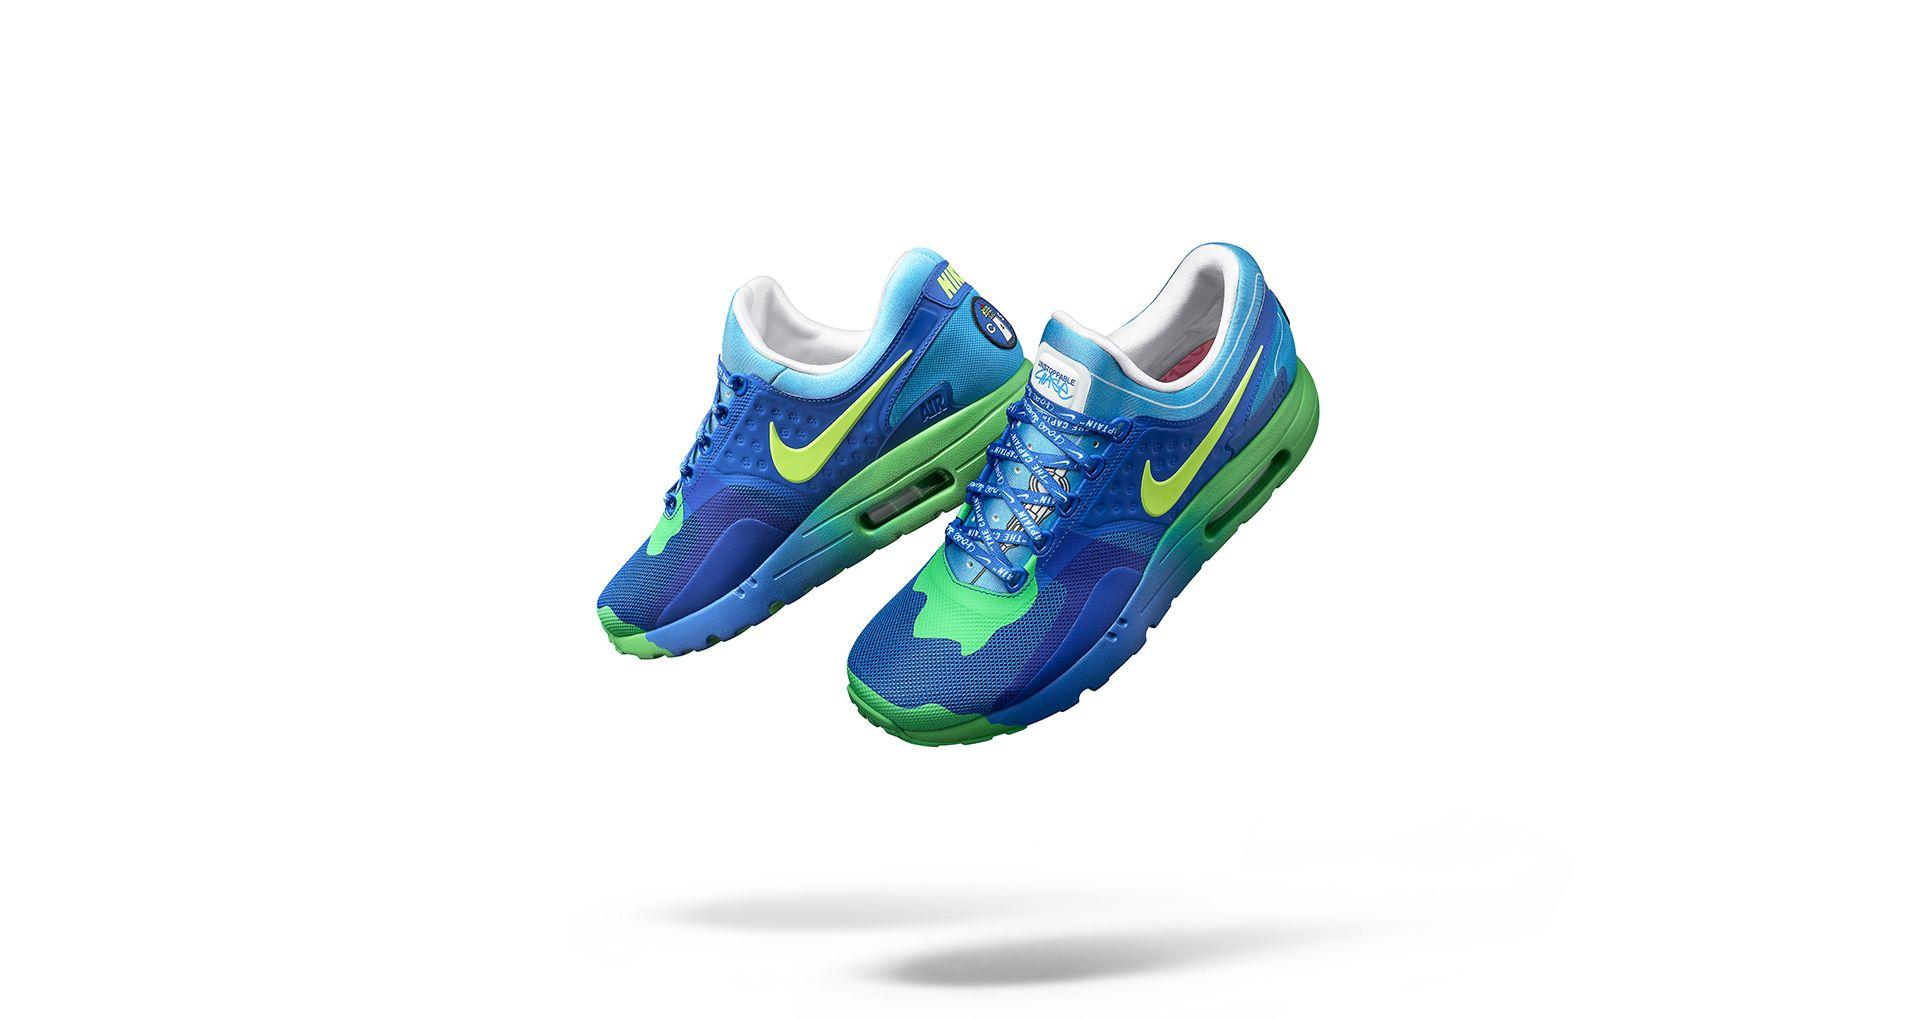 483c726340f8 Nike Air Max Zero Doernbecher  Hyper Cobalt  Release Date. Nike+ SNKRS